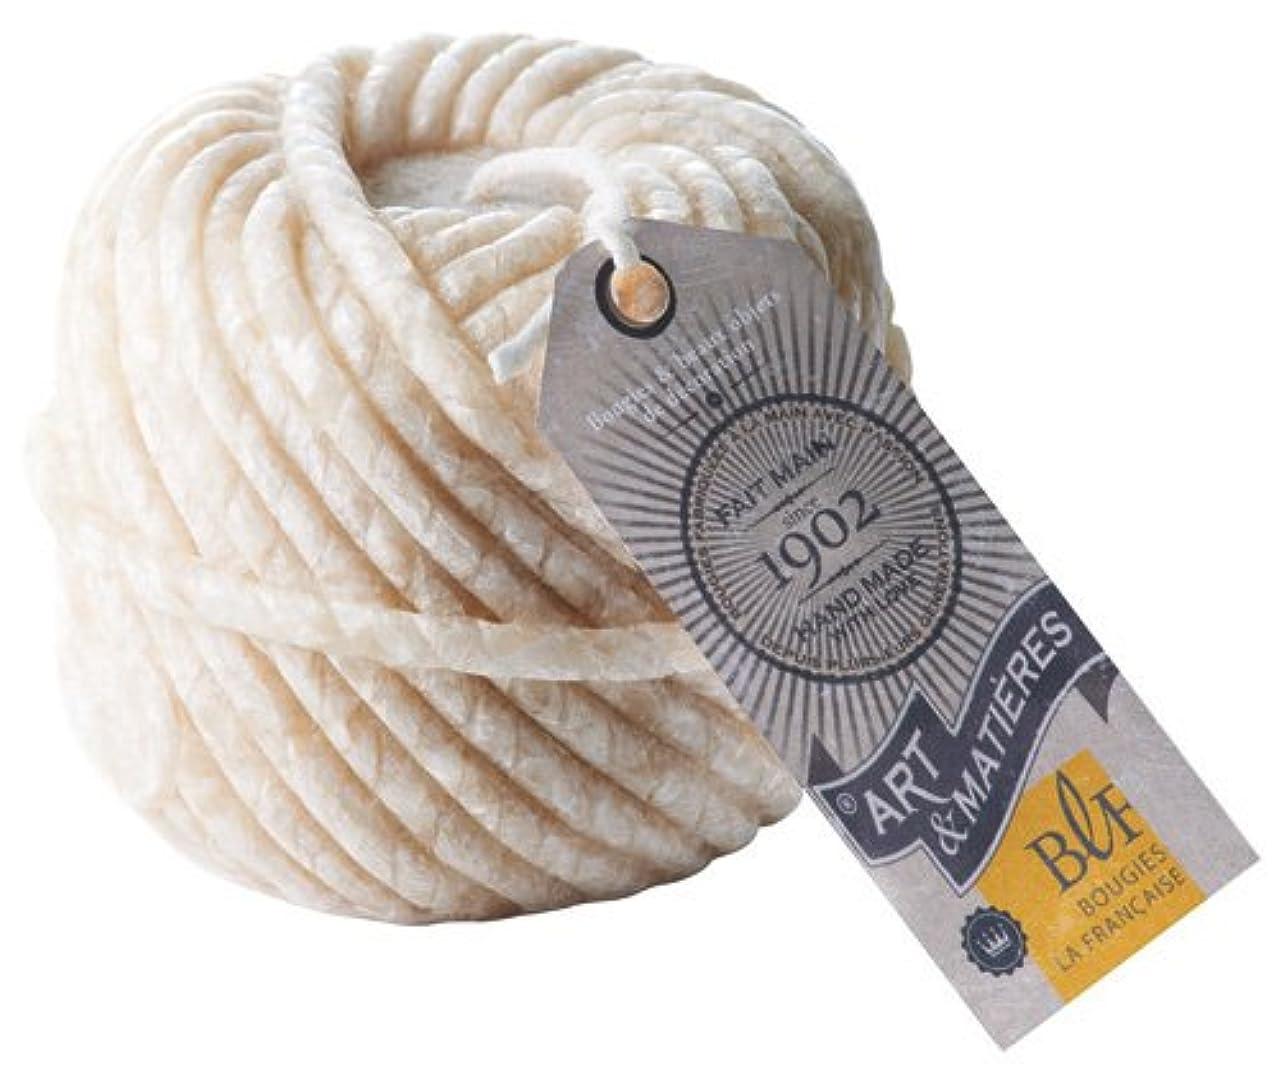 滅多ヒューバートハドソンデンマークブジ?ラ?フランセーズ 本物の毛糸玉のような ウールボールキャンドル ホワイト